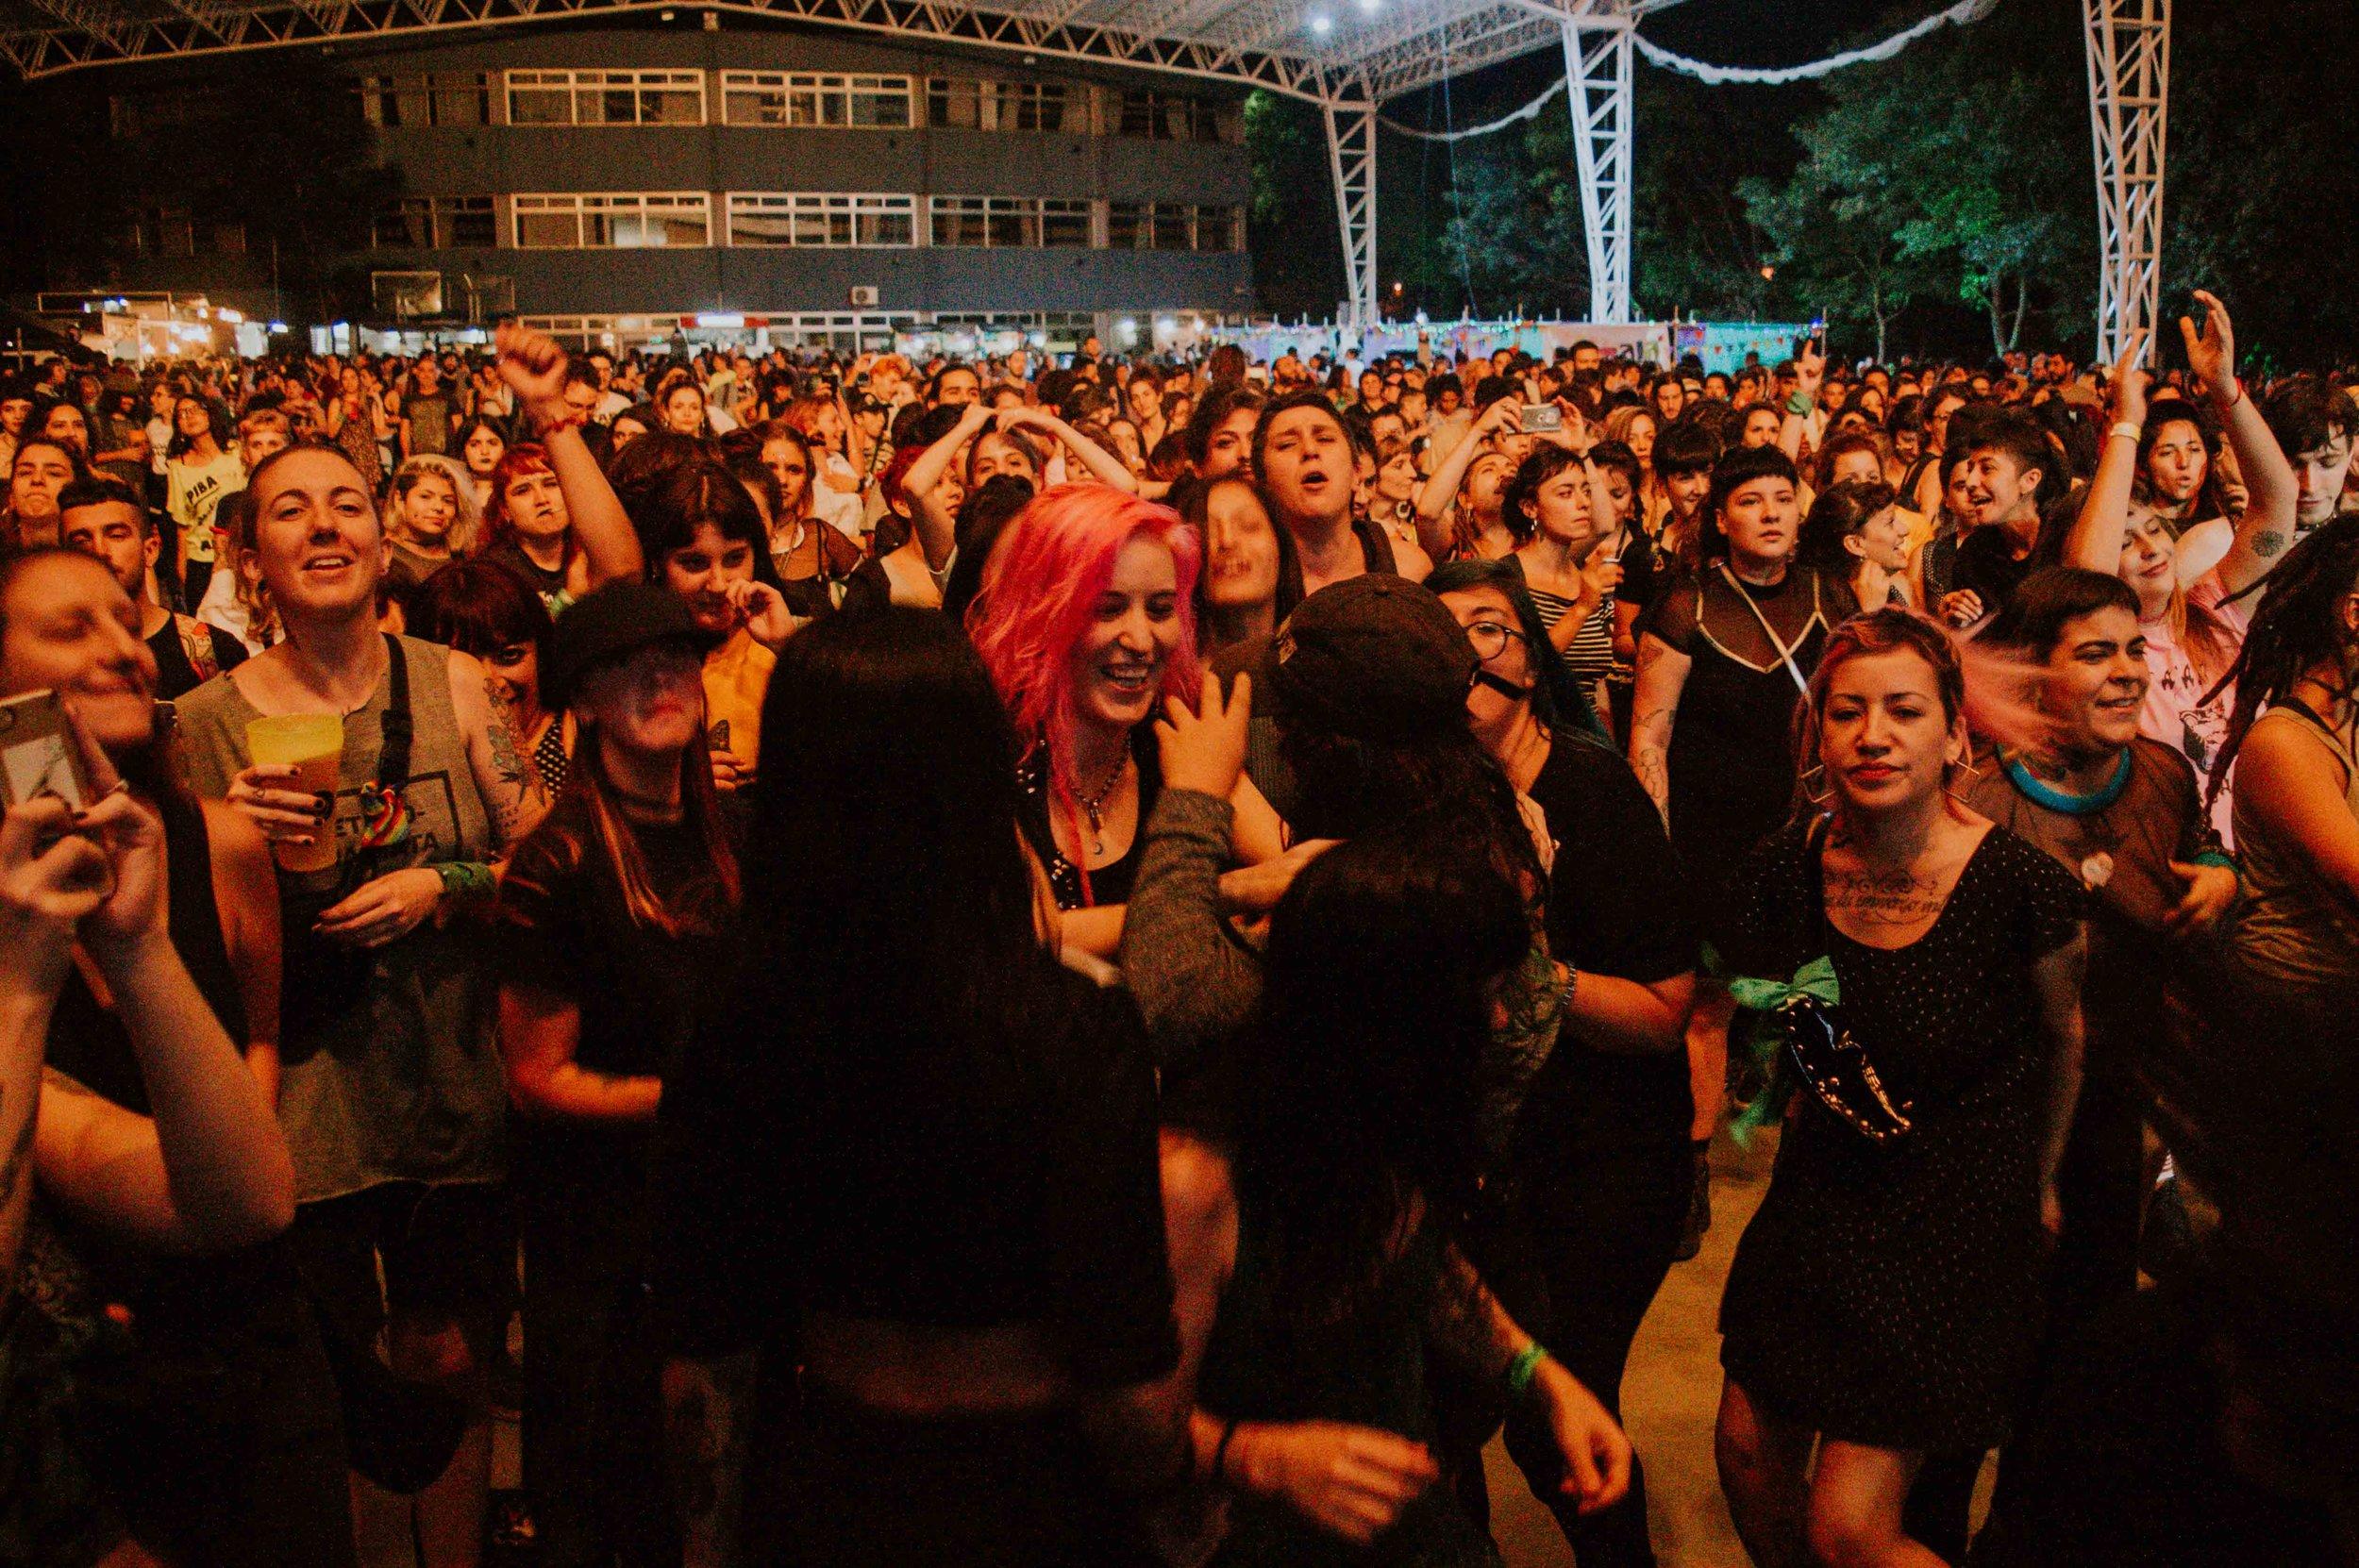 Agostina Rossini - Festival GRL PWR Cordoba 2019-49.jpg